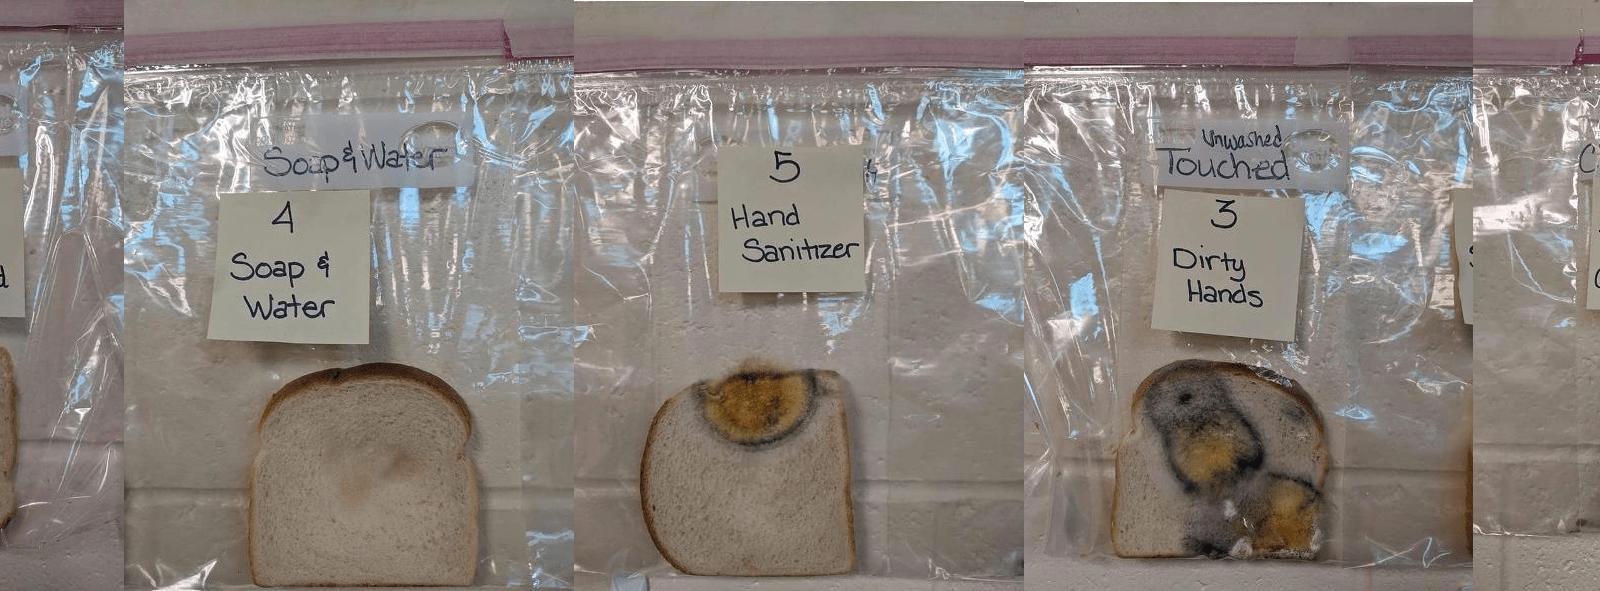 A imagem mostra a sequência das fatias de pão utilizadas na experiência realizada pelo professor Jaralee Annice Metcalf. As fatias apresentam diferentes níveis de contaminação por bolor dependendo do contato com mãos limpas, sujas e o contato com teclados dos chromebooks utilizados pelos alunos.